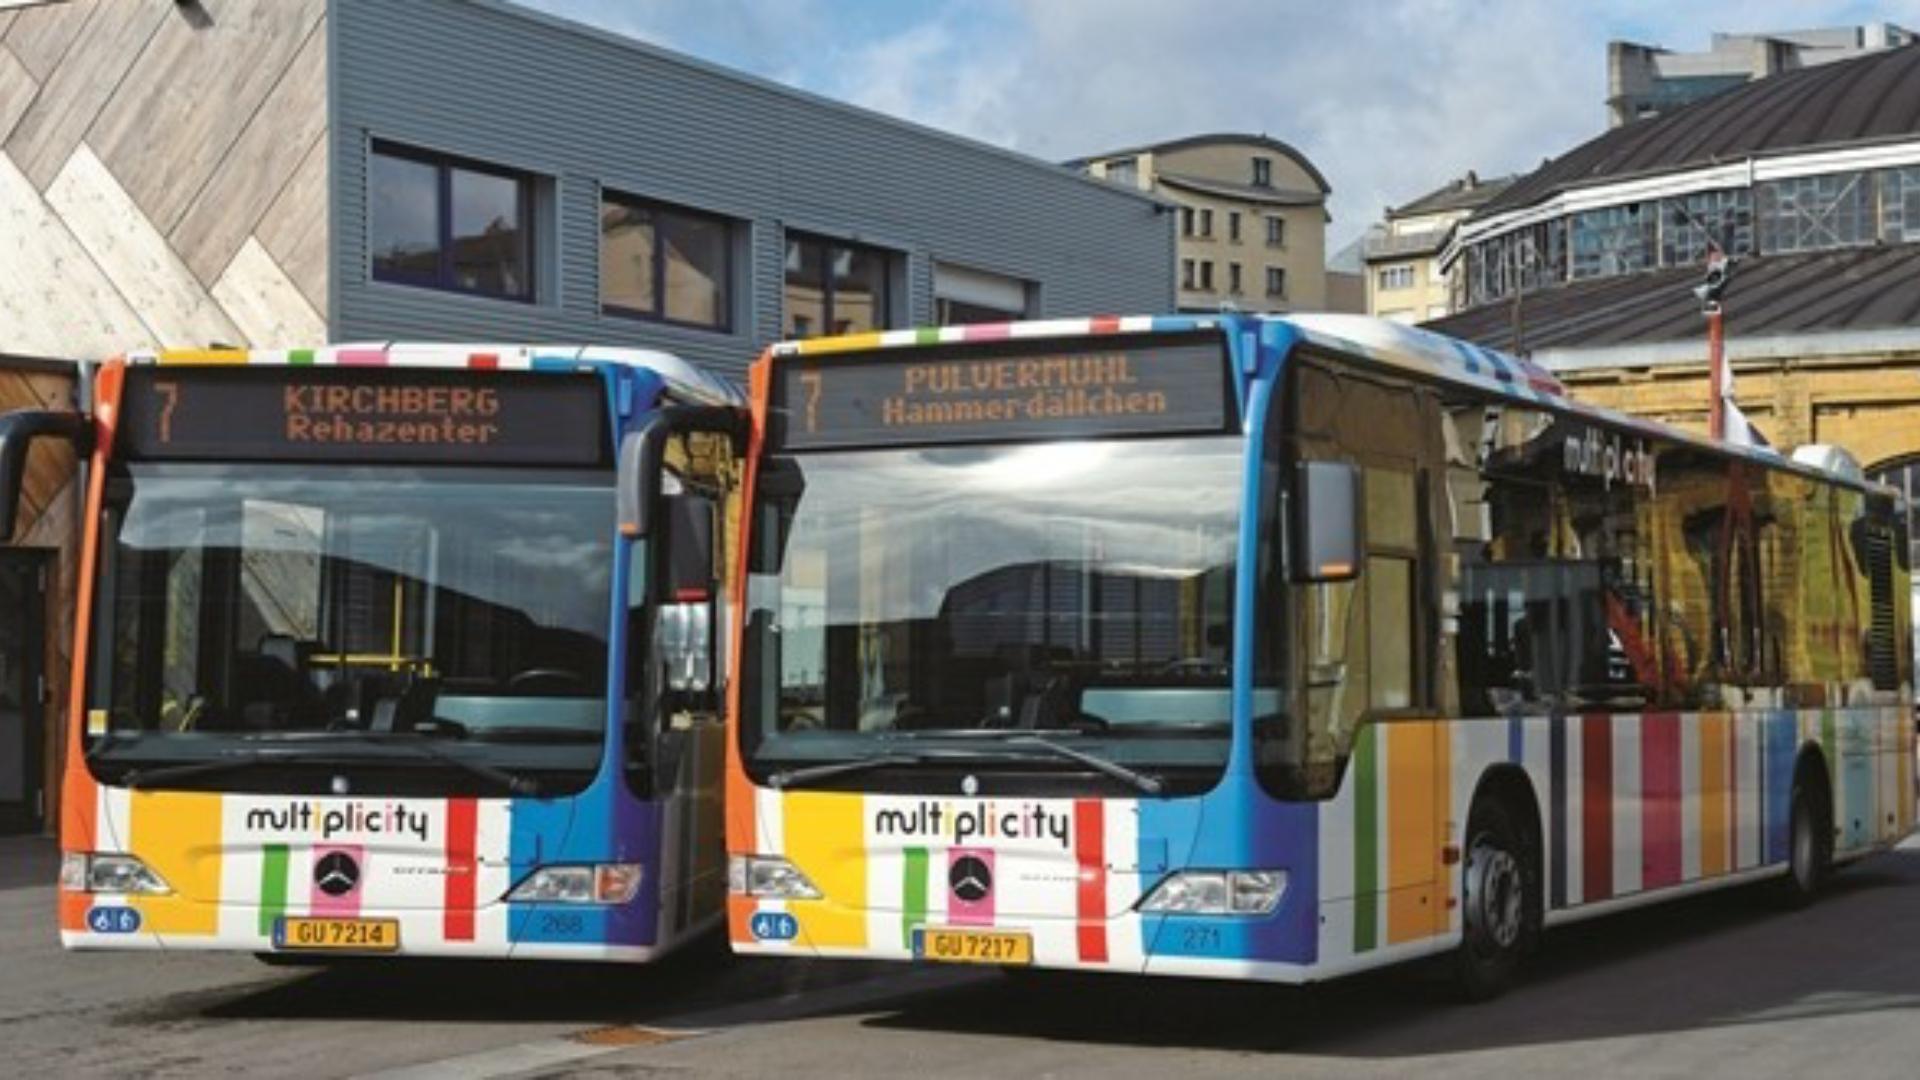 De astăzi 1 martie 2020, Luxemburg a devenit prima țară din lume care oferă transport public gratuit